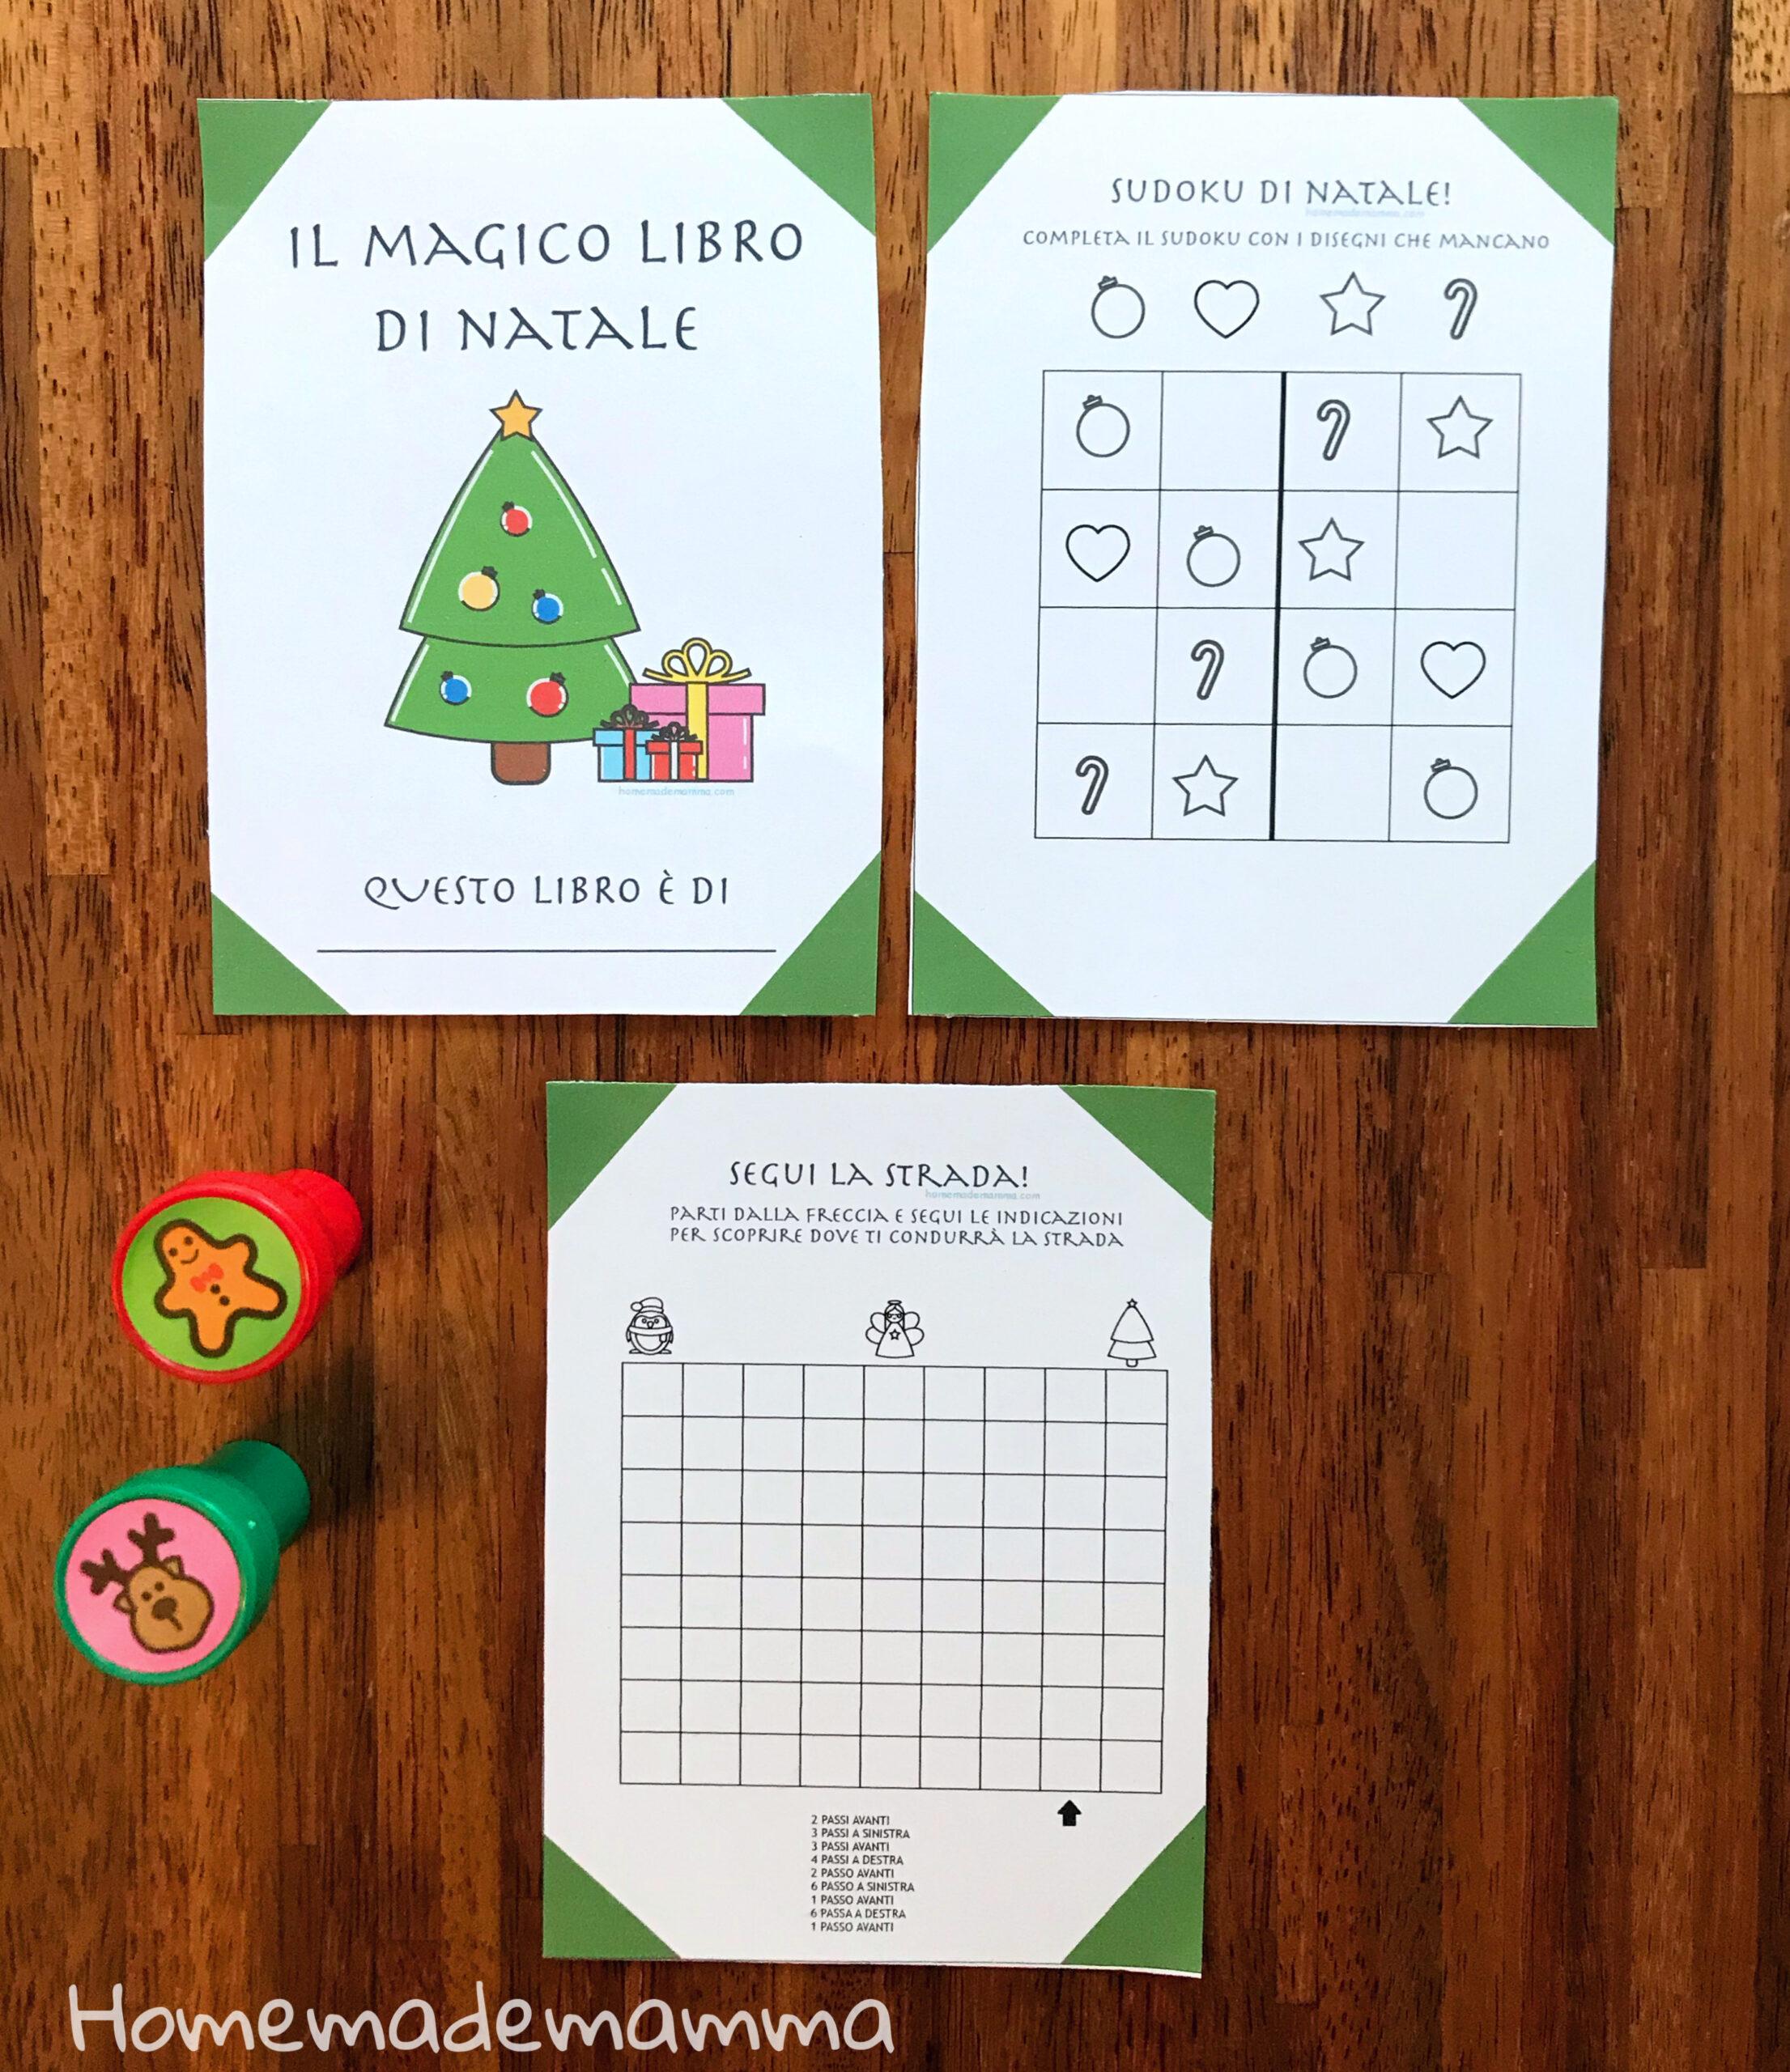 Lavoretti Di Natale Classe Seconda.Il Magico Libro Di Natale Per I Bambini Della Scuola Primaria